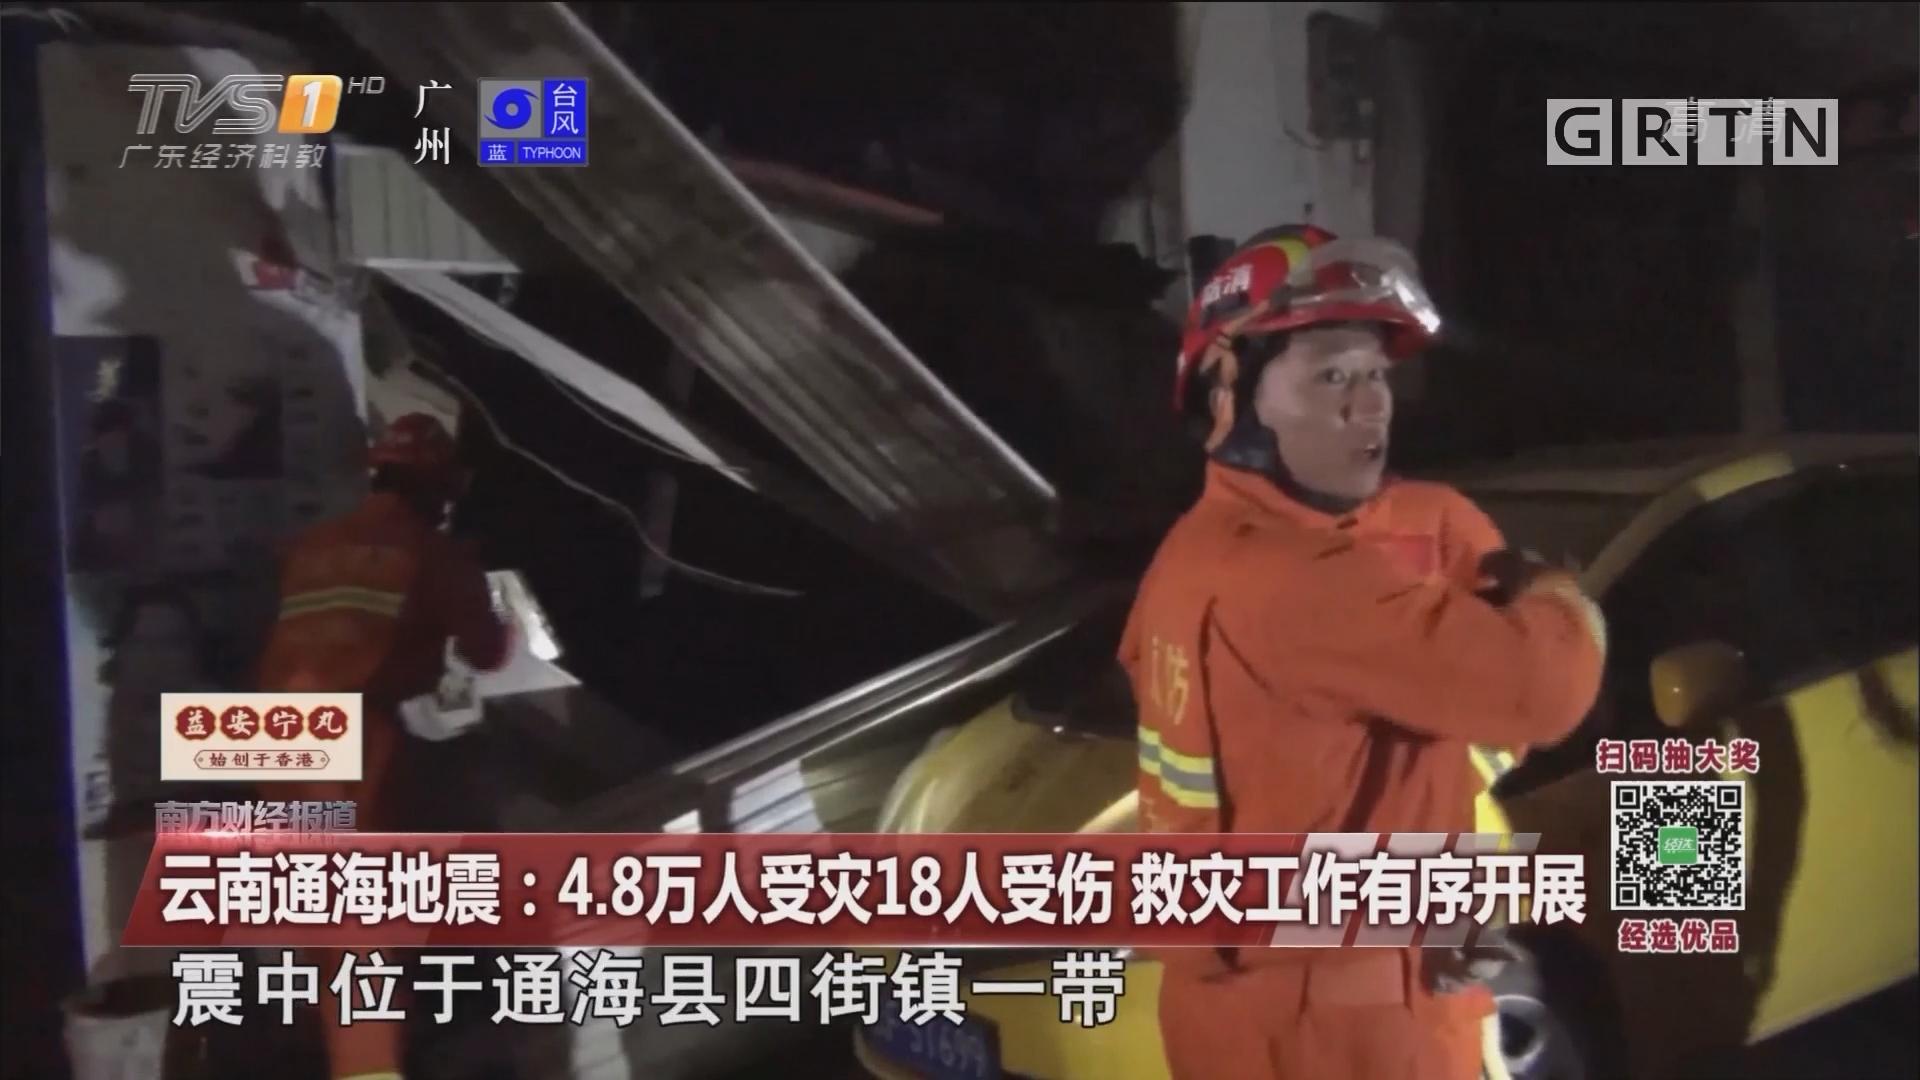 云南通海地震:4.8万人受灾18人受伤 救灾工作有序开展